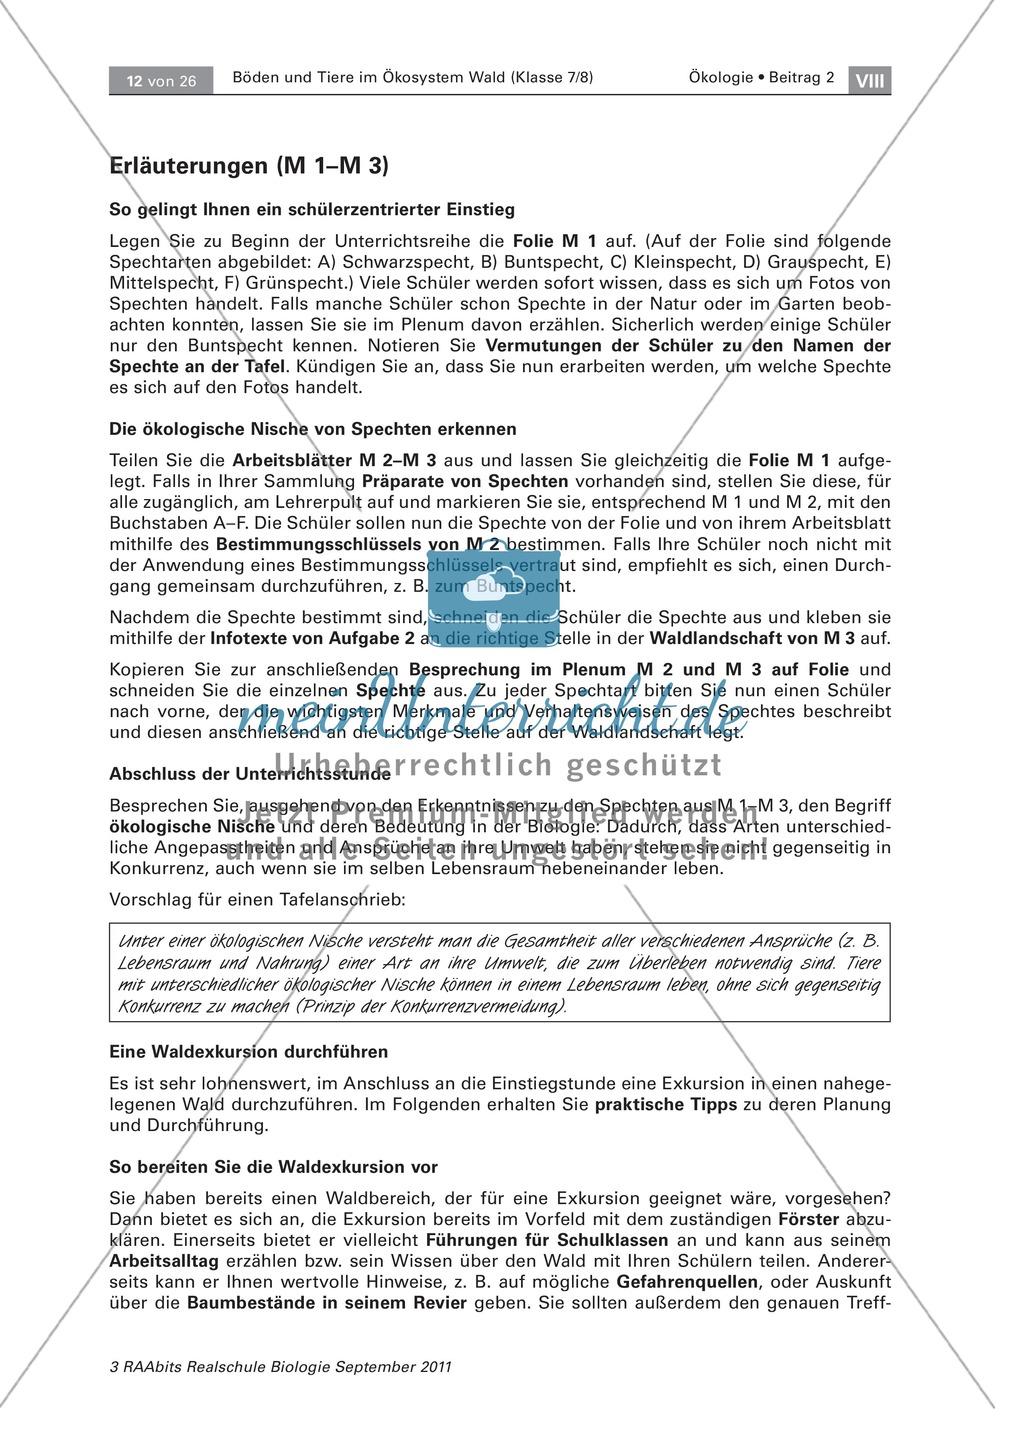 Spechte und ihre ökologische Nischen im Wald: Modelle, Beschriftung Preview 4